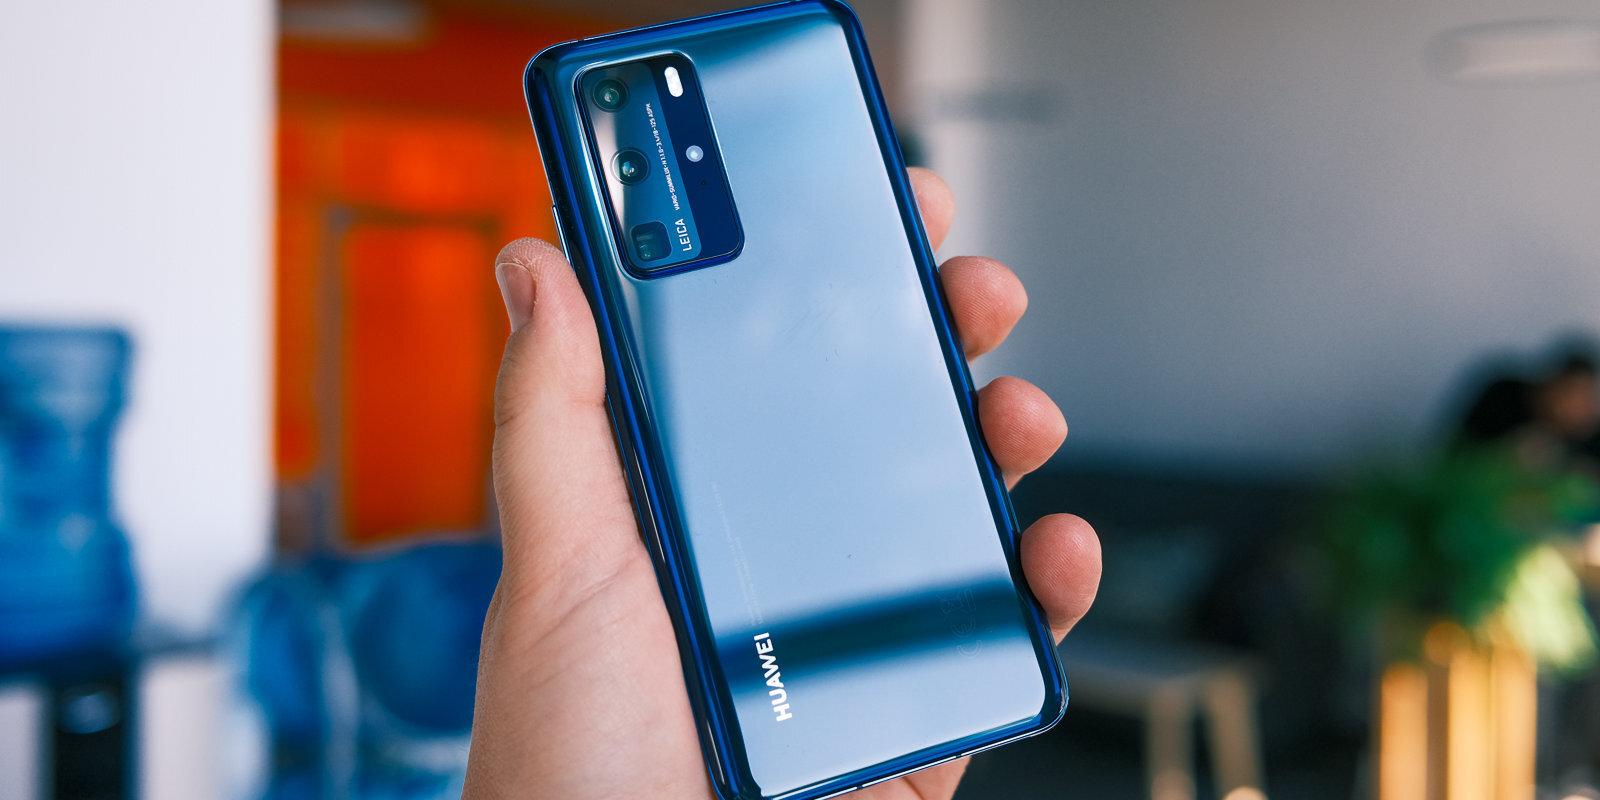 Lielisks, bet nelietojams – pirmie iespaidi par jauno 'Huawei P40 Pro'